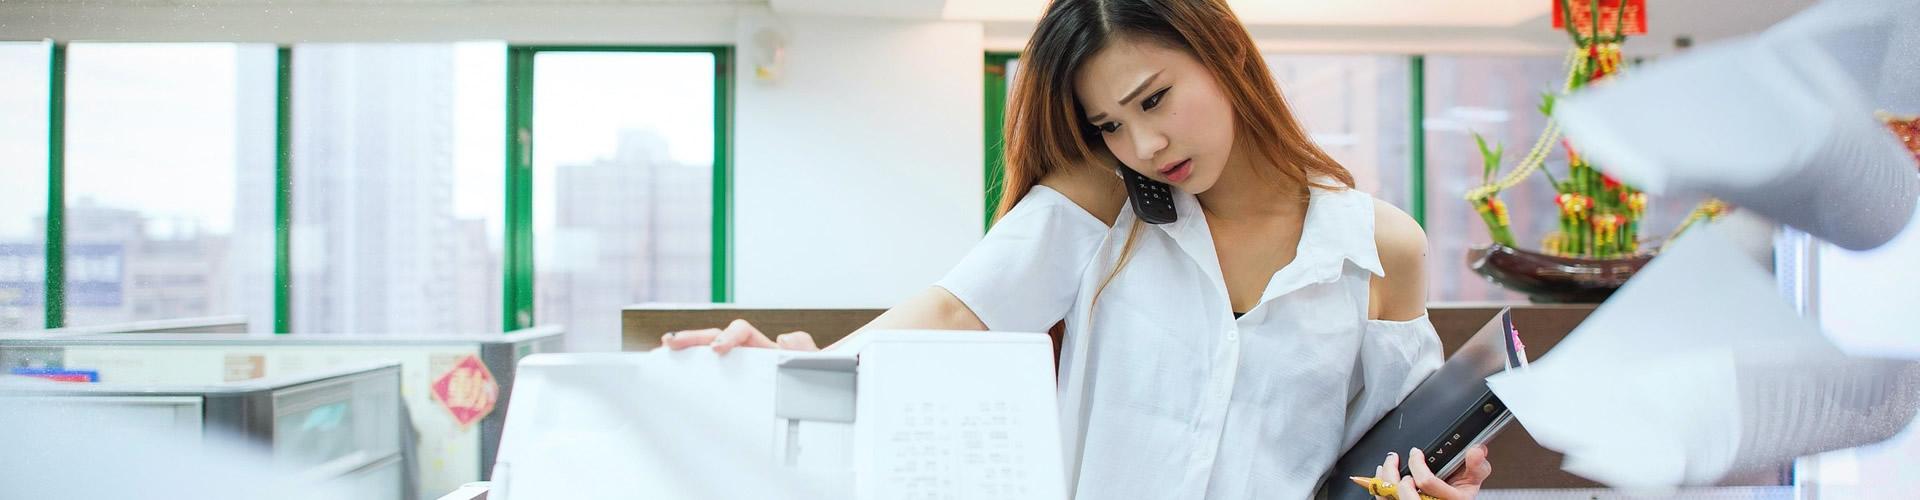 Servicio de impresión. Renting y Mantenimiento de equipos multifunción